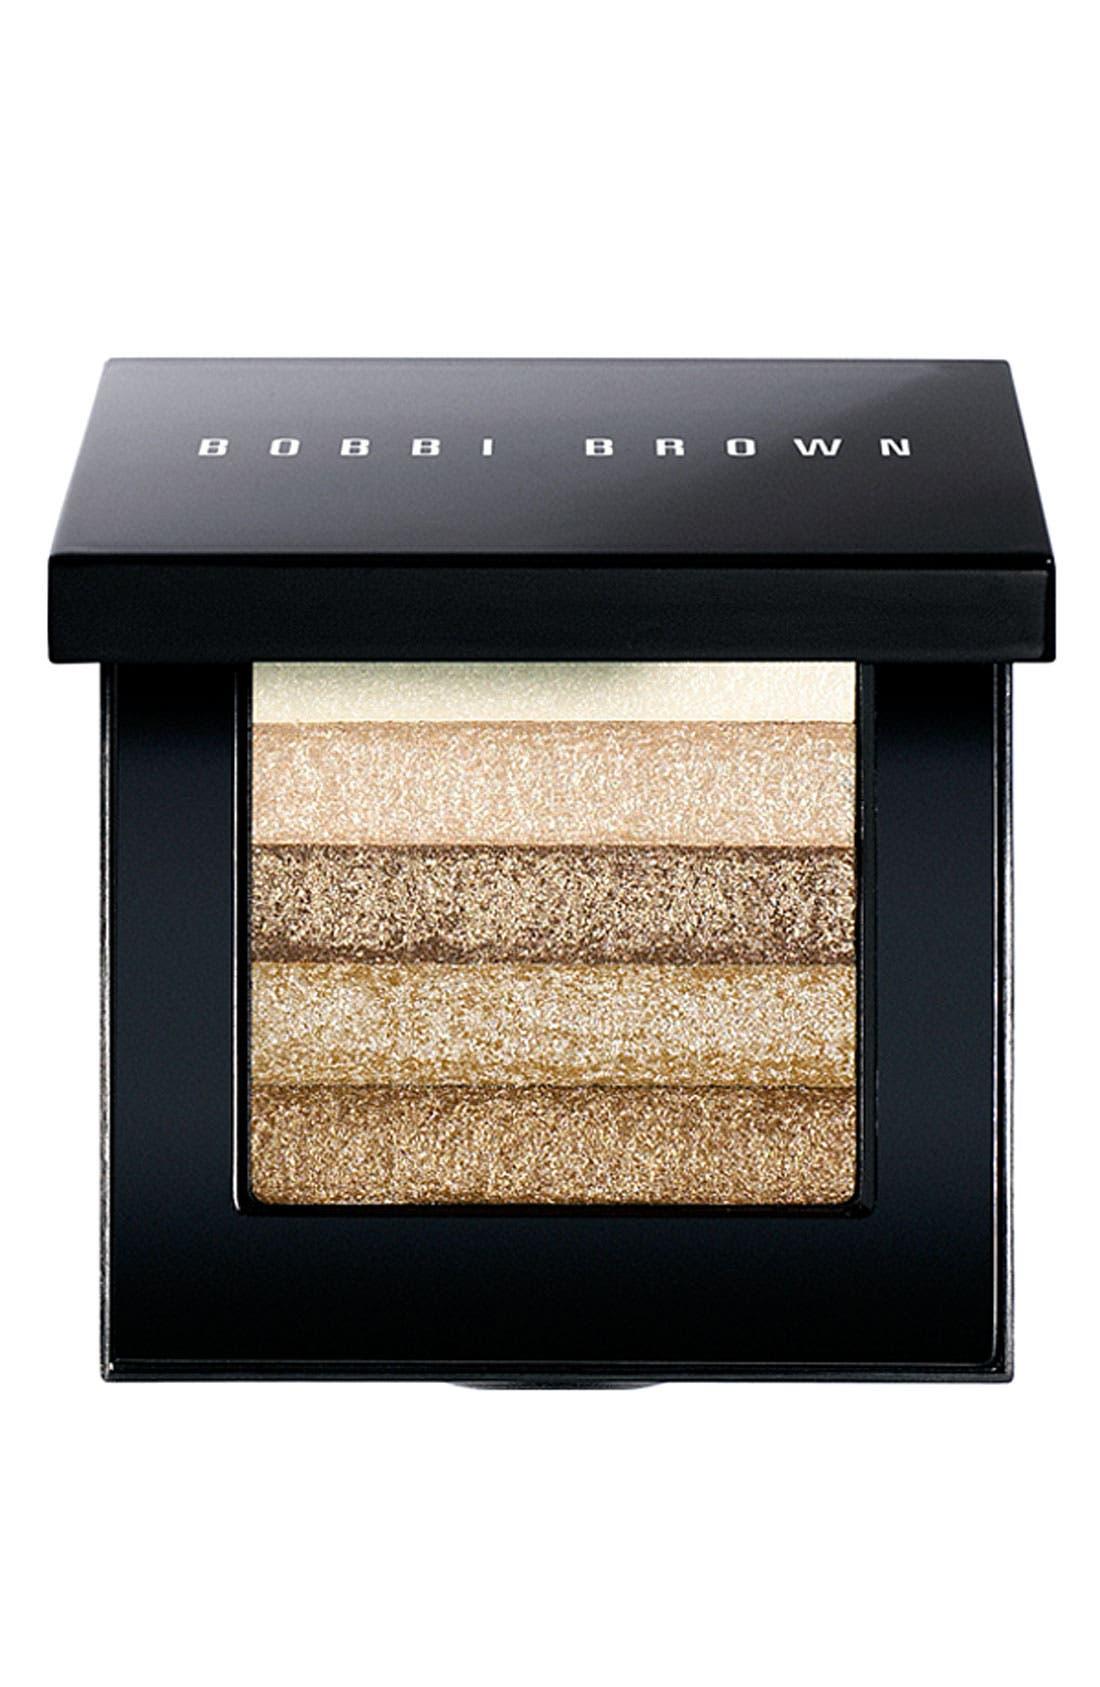 Bobbi Brown 'Beige' Shimmer Brick Compact